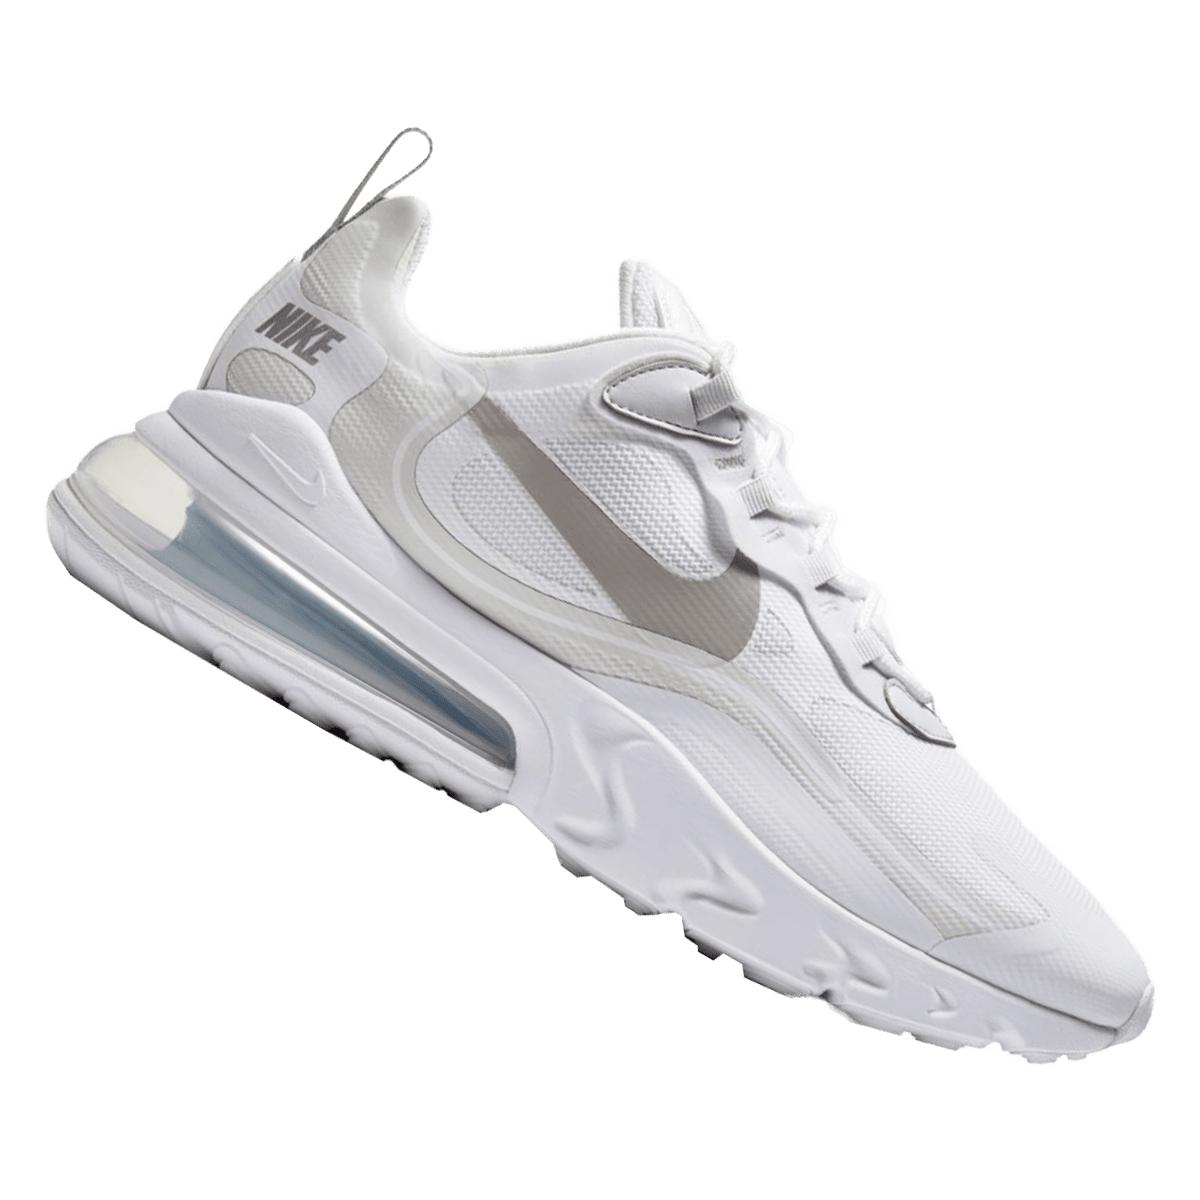 Nike Freizeitschuh Air Max 270 React weiß (Größen 40 bis 46)